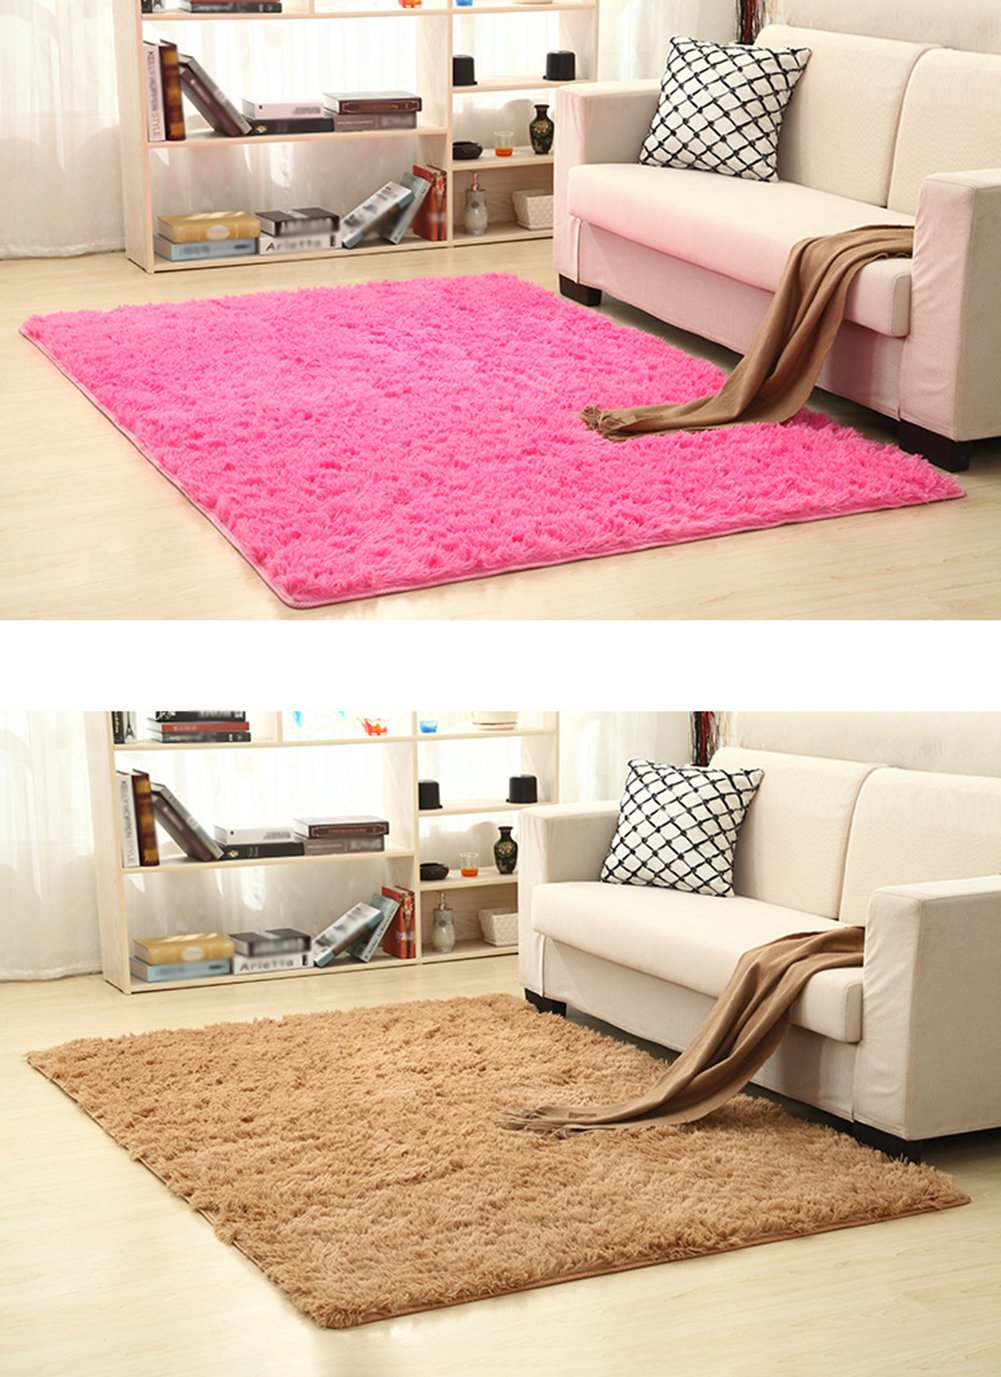 Cdet Modernas alfombras de seda sala de estar rectangular mesa de café sofá cama alfombras alfombras(Gris)